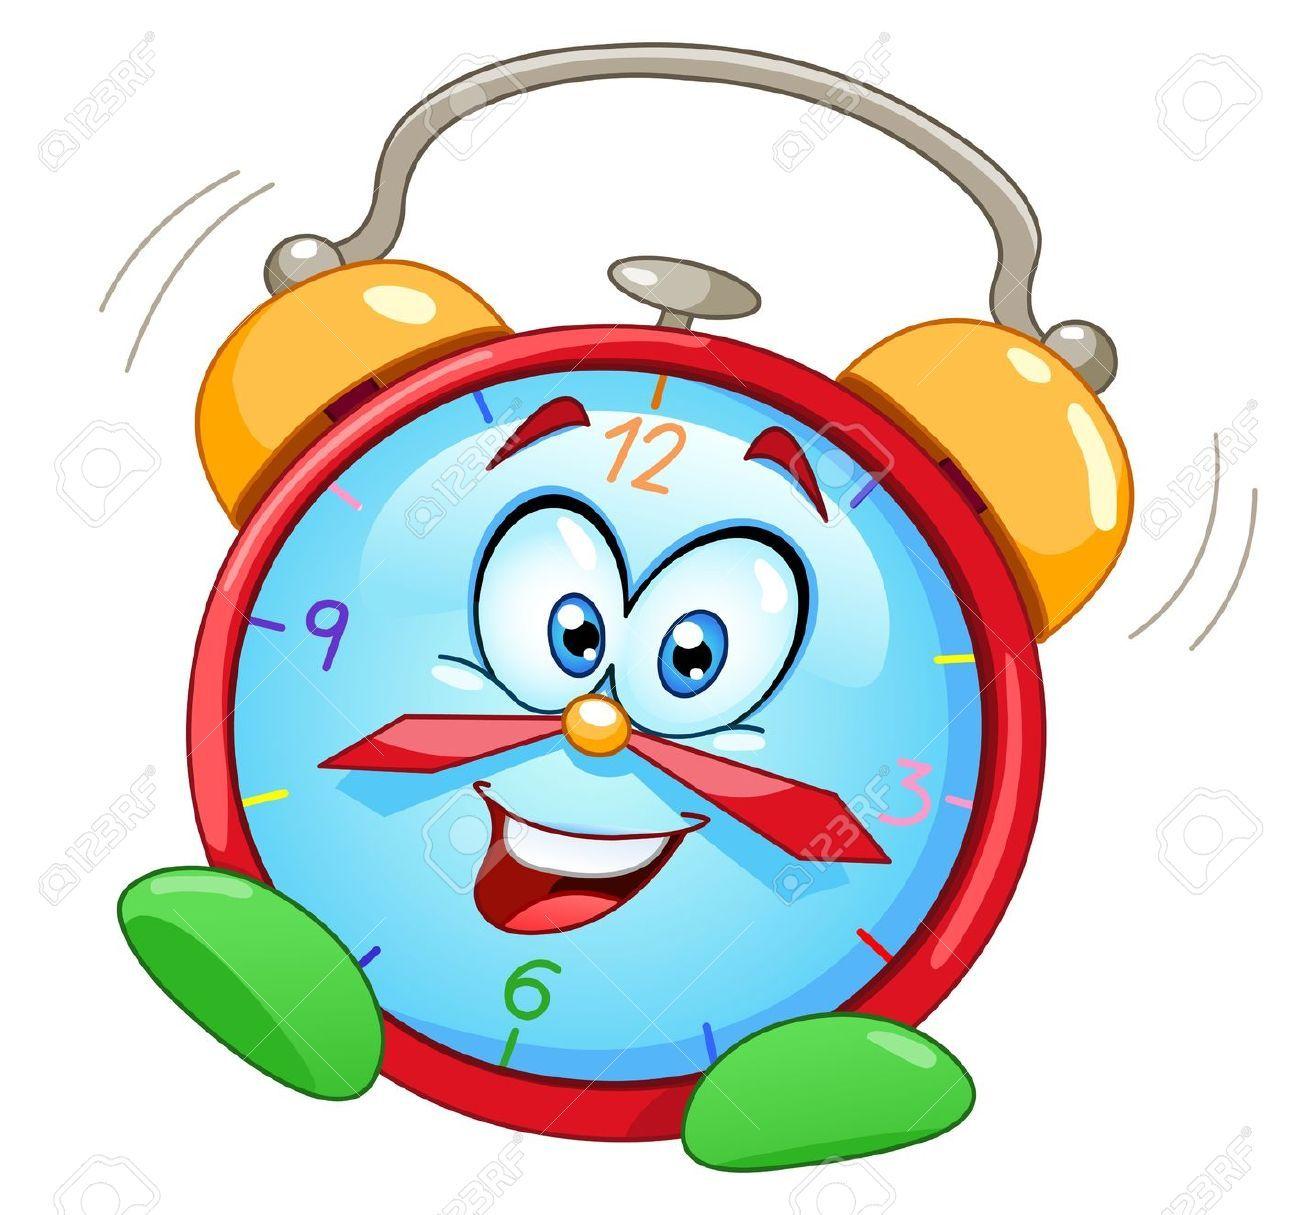 Pin De H B En Infantil Dibujos Para Ninos Ninos Y Ninas Animados Reloj Despertador